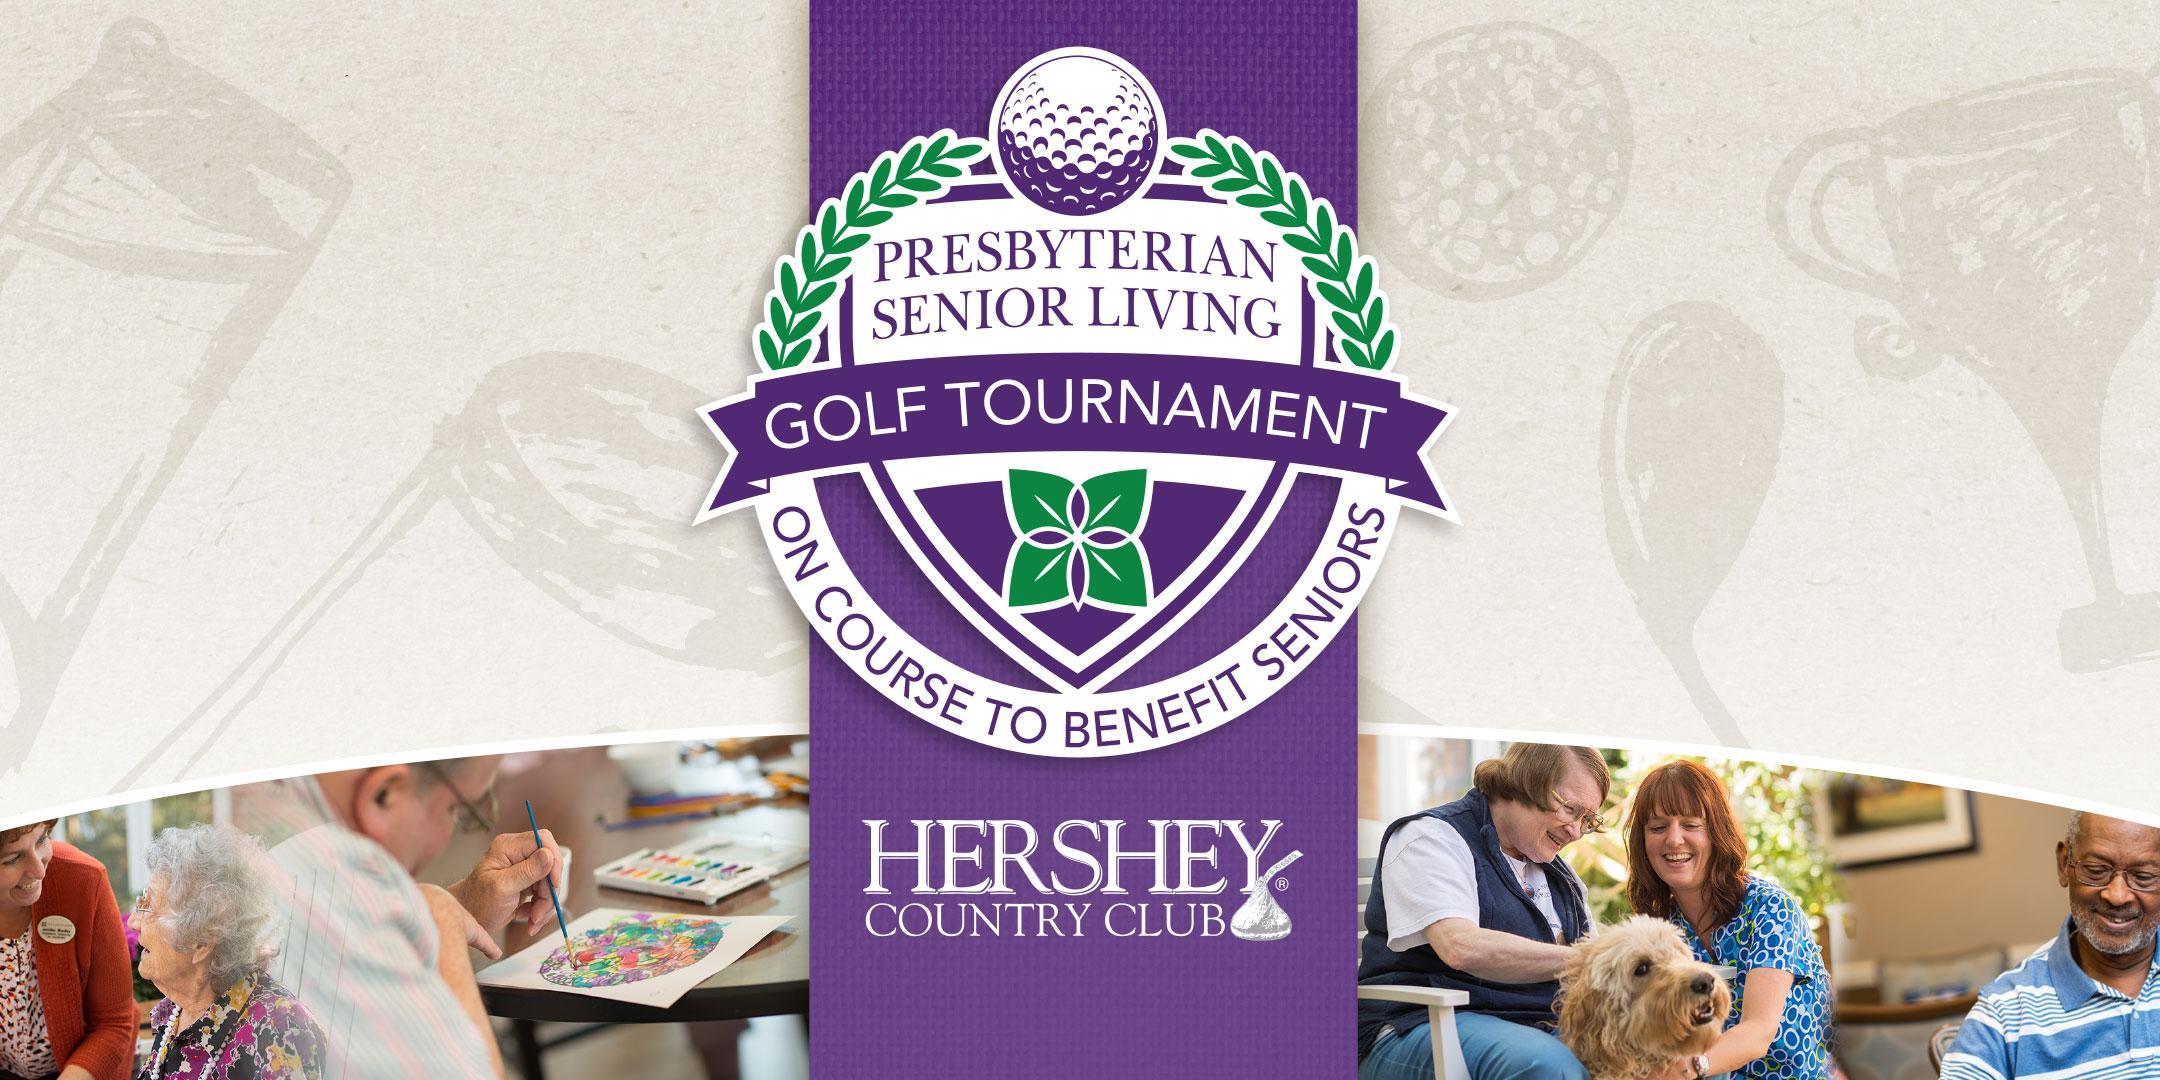 Presbyterian Senior Living Golf Tournament